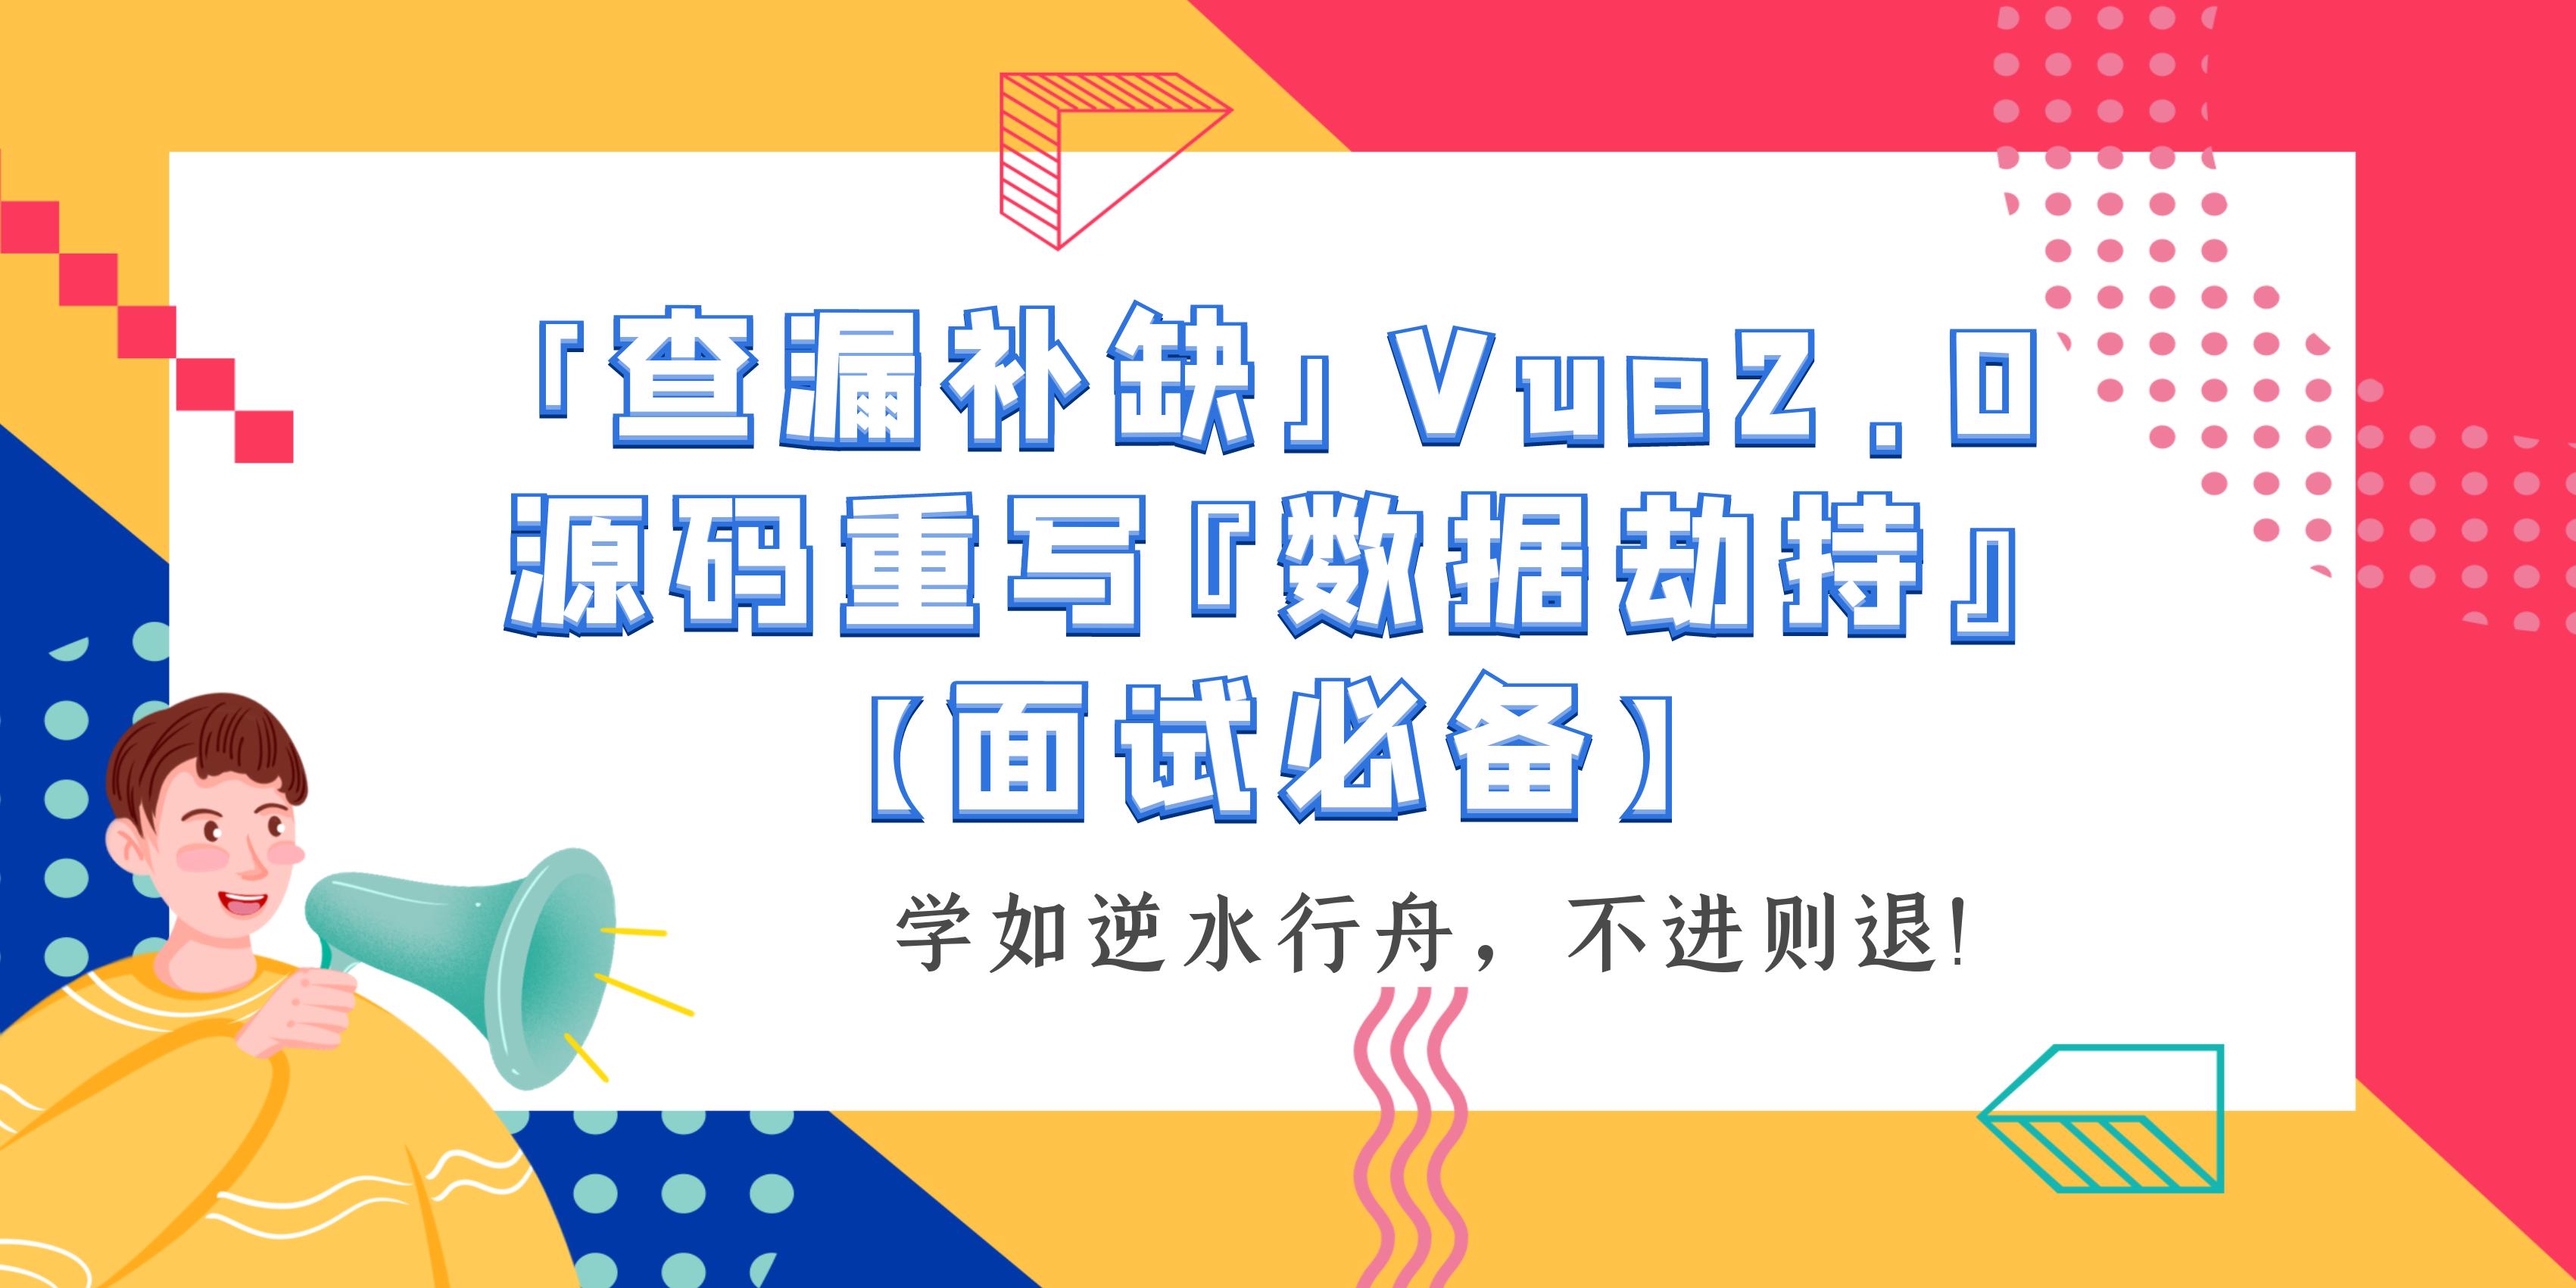 「查漏补缺」Vue2.0 源码重写『数据劫持』【面试必备】